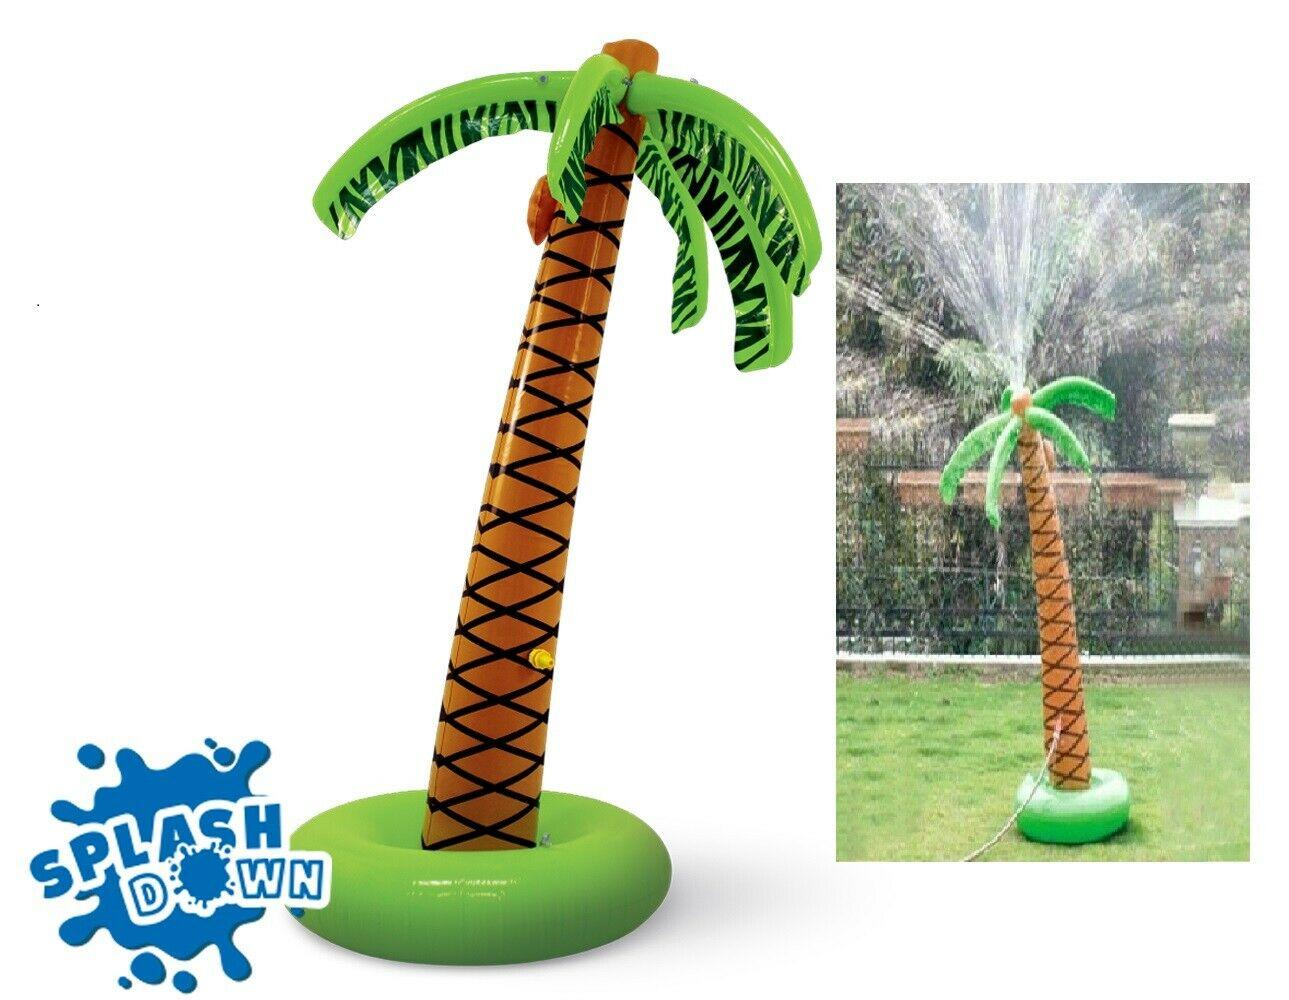 SplashDown Inflatable Sprinkler Palm Tree £6.99/£10.48 Delivered from Home Bargains